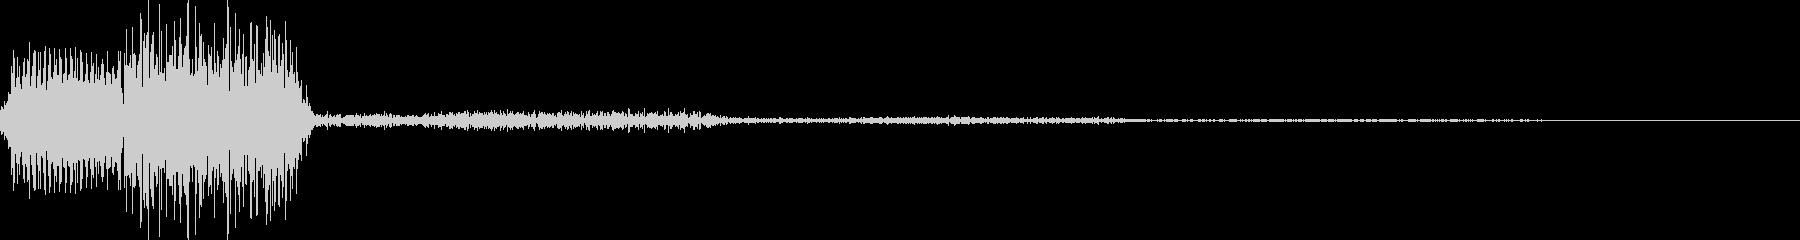 ピロッ2(カーソル移動 決定 選択)の未再生の波形